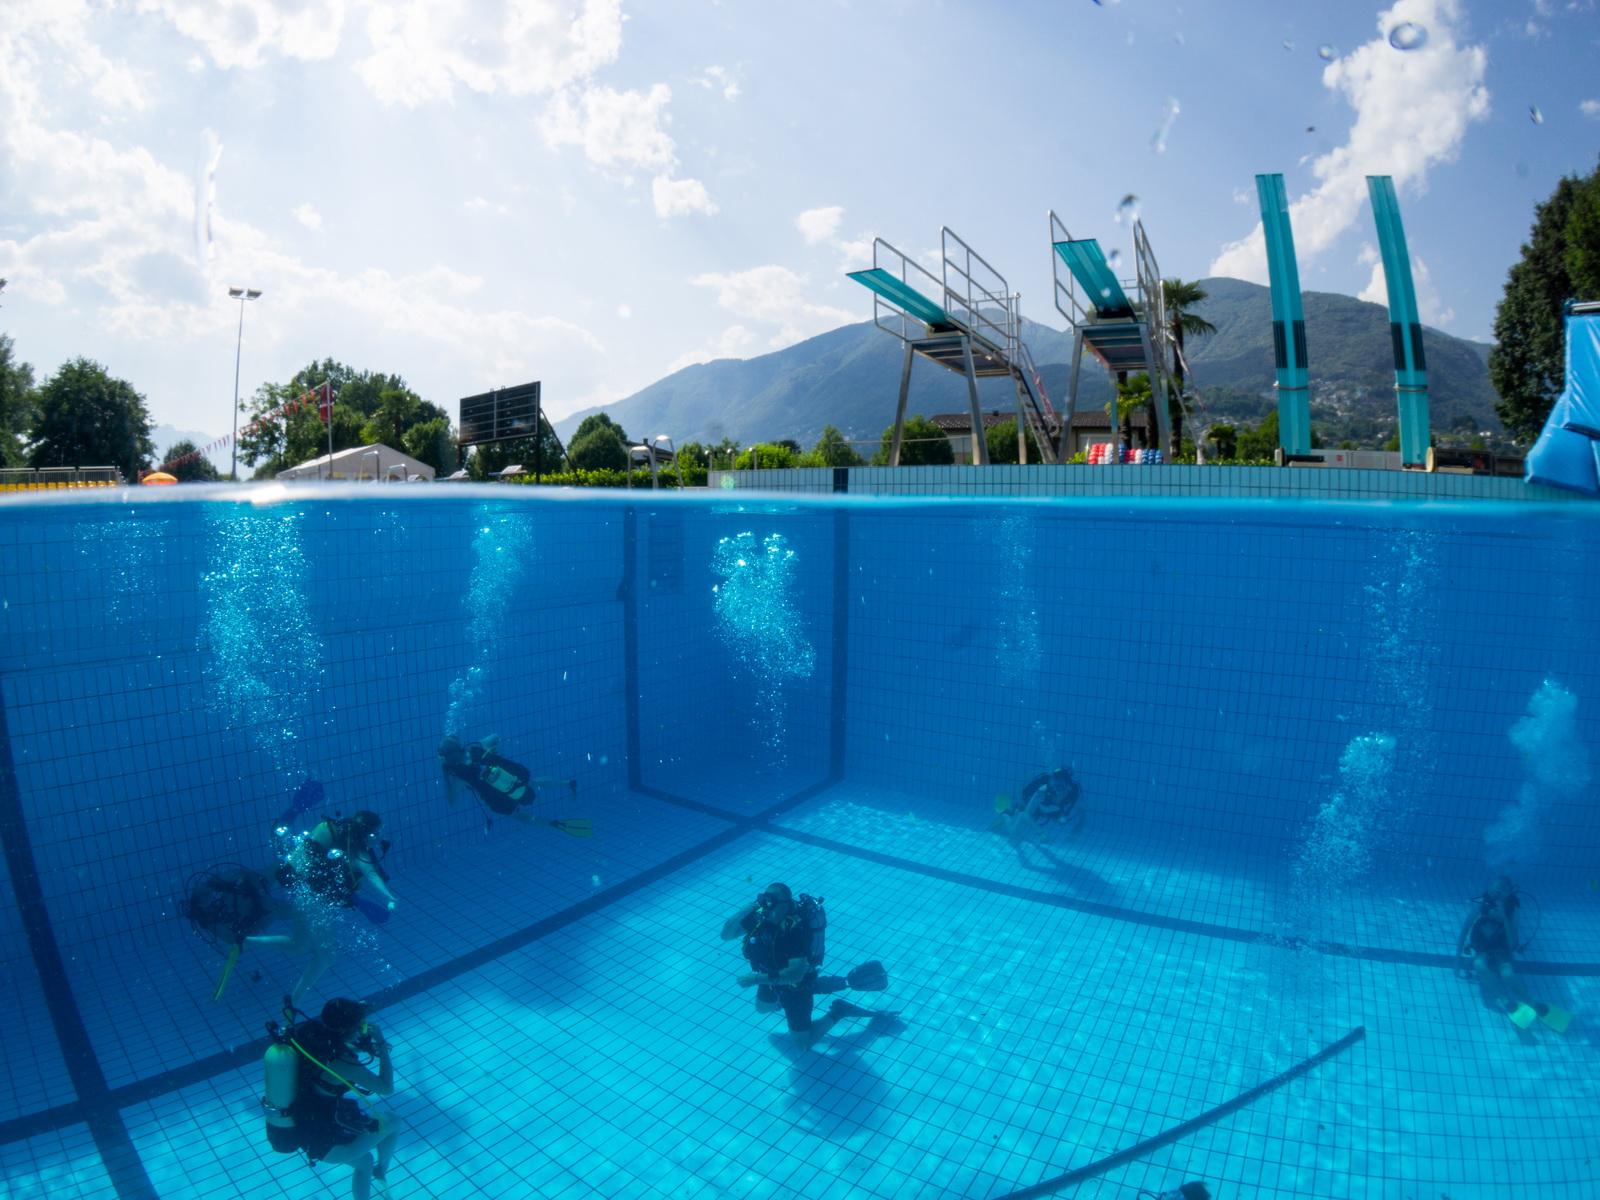 Taucher beim Schnuppertauchen im Pool